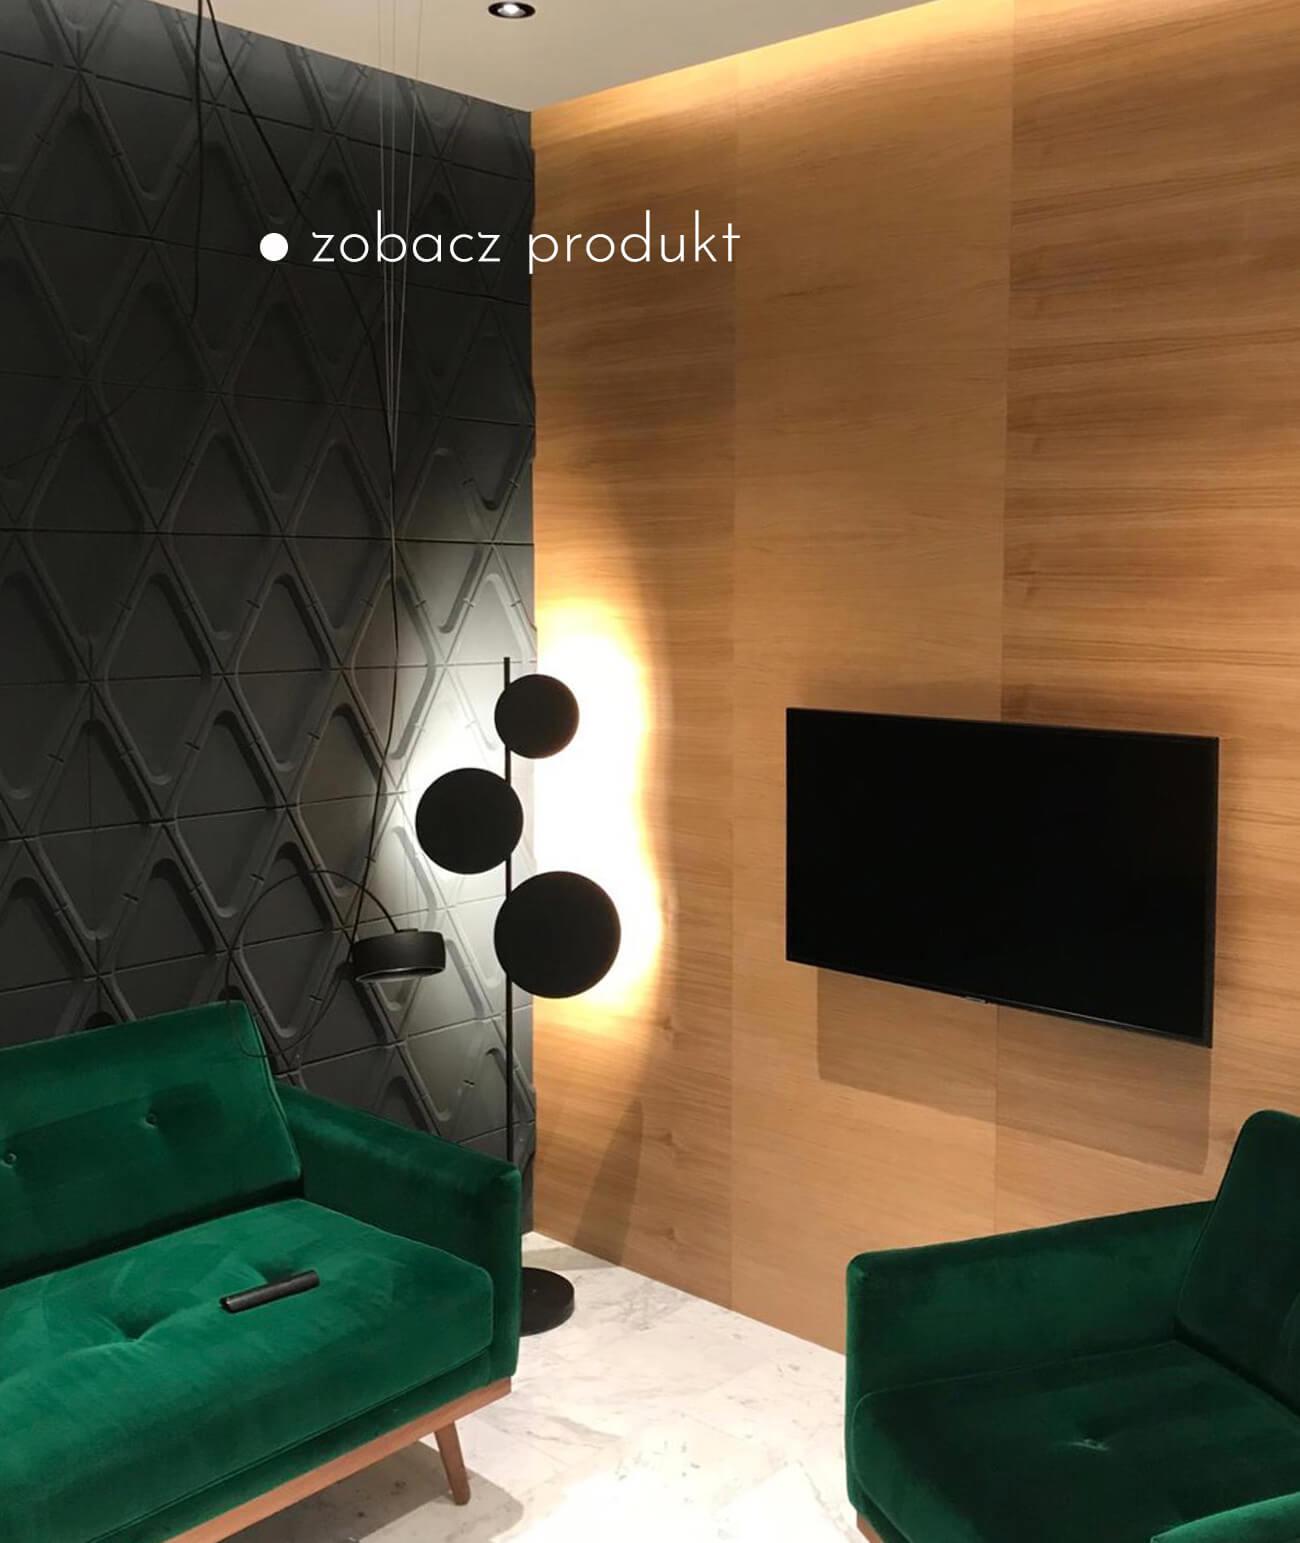 panele-betonowe-3d-scienne-i-elewacyjne-beton-architektoniczny_933-20213-pb31-b15-czarny-modul-v---panel-dekor-3d-beton-architektoniczny-panel-scienny